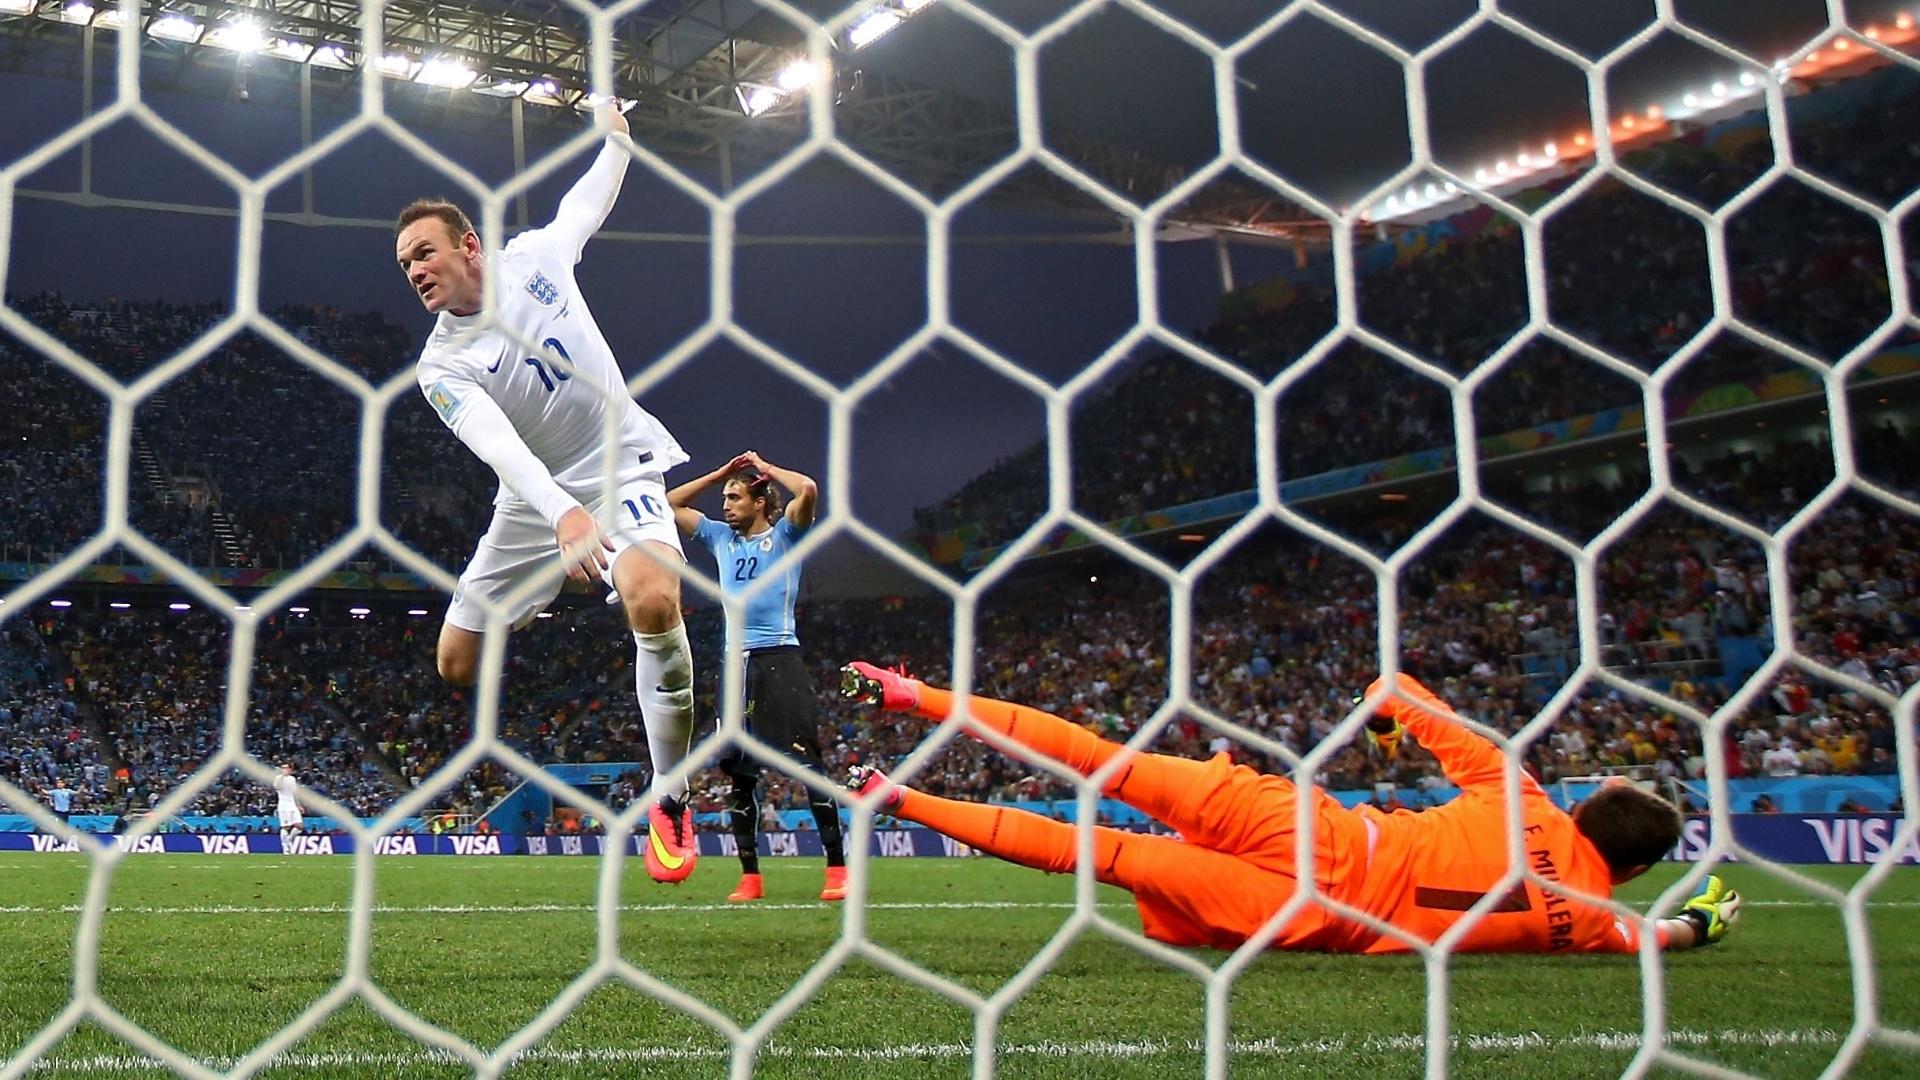 19.jun.2014 - Pressionado, Rooney marcou seu primeiro gol em Copas, mas não conseguiu impedir a derrota da Inglaterra para o Uruguai